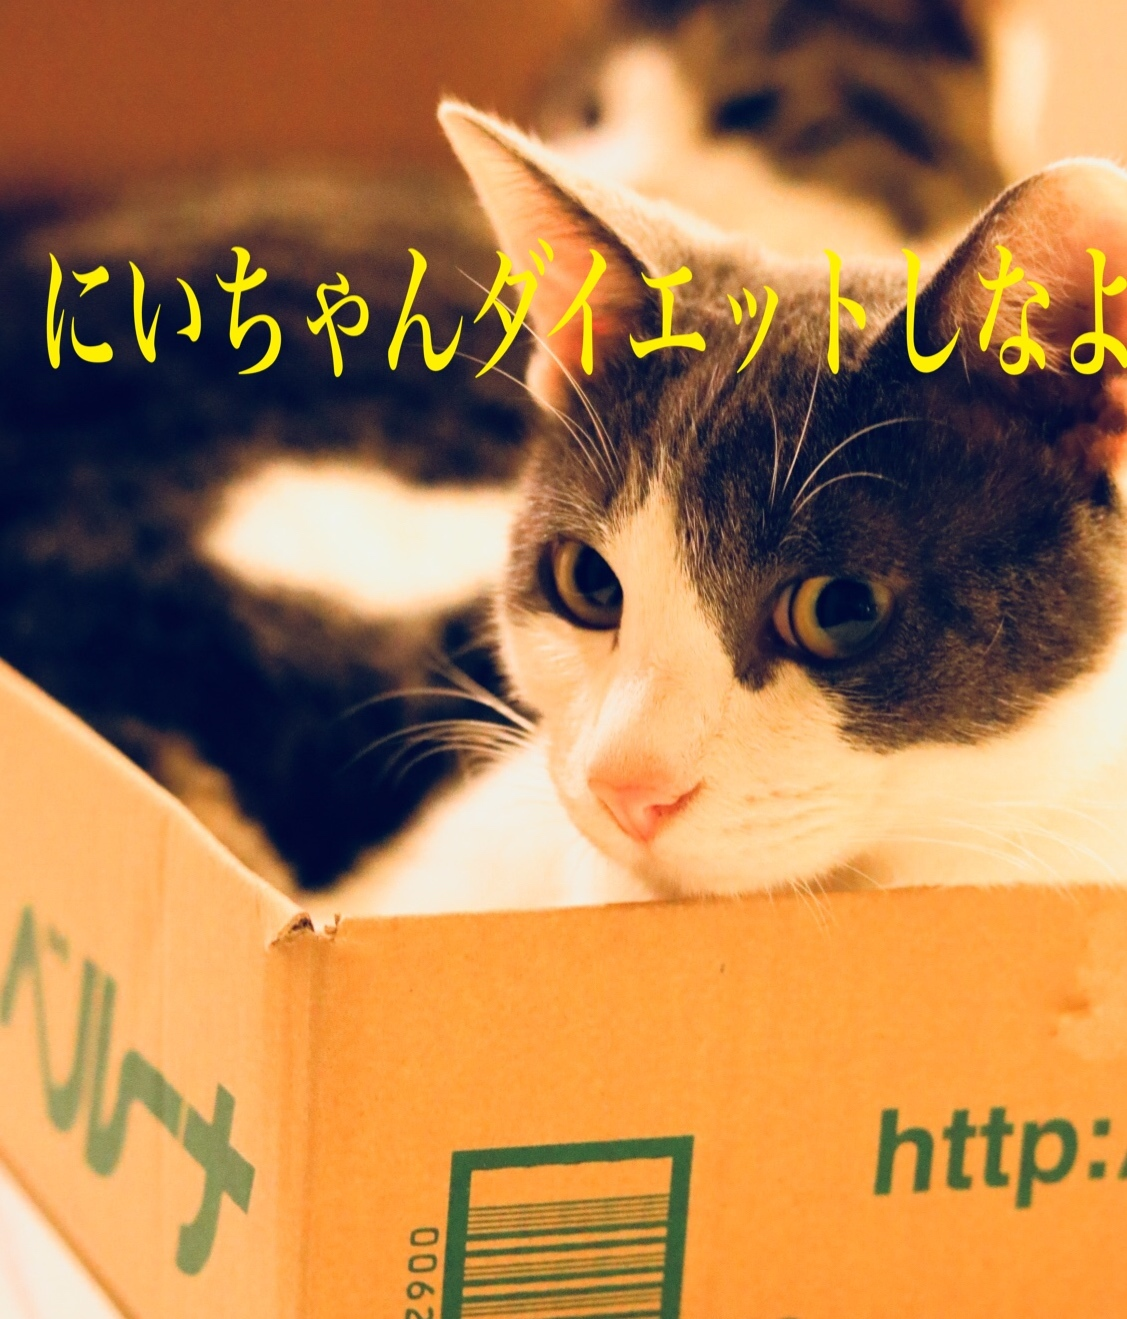 c0366722_10205841.jpeg